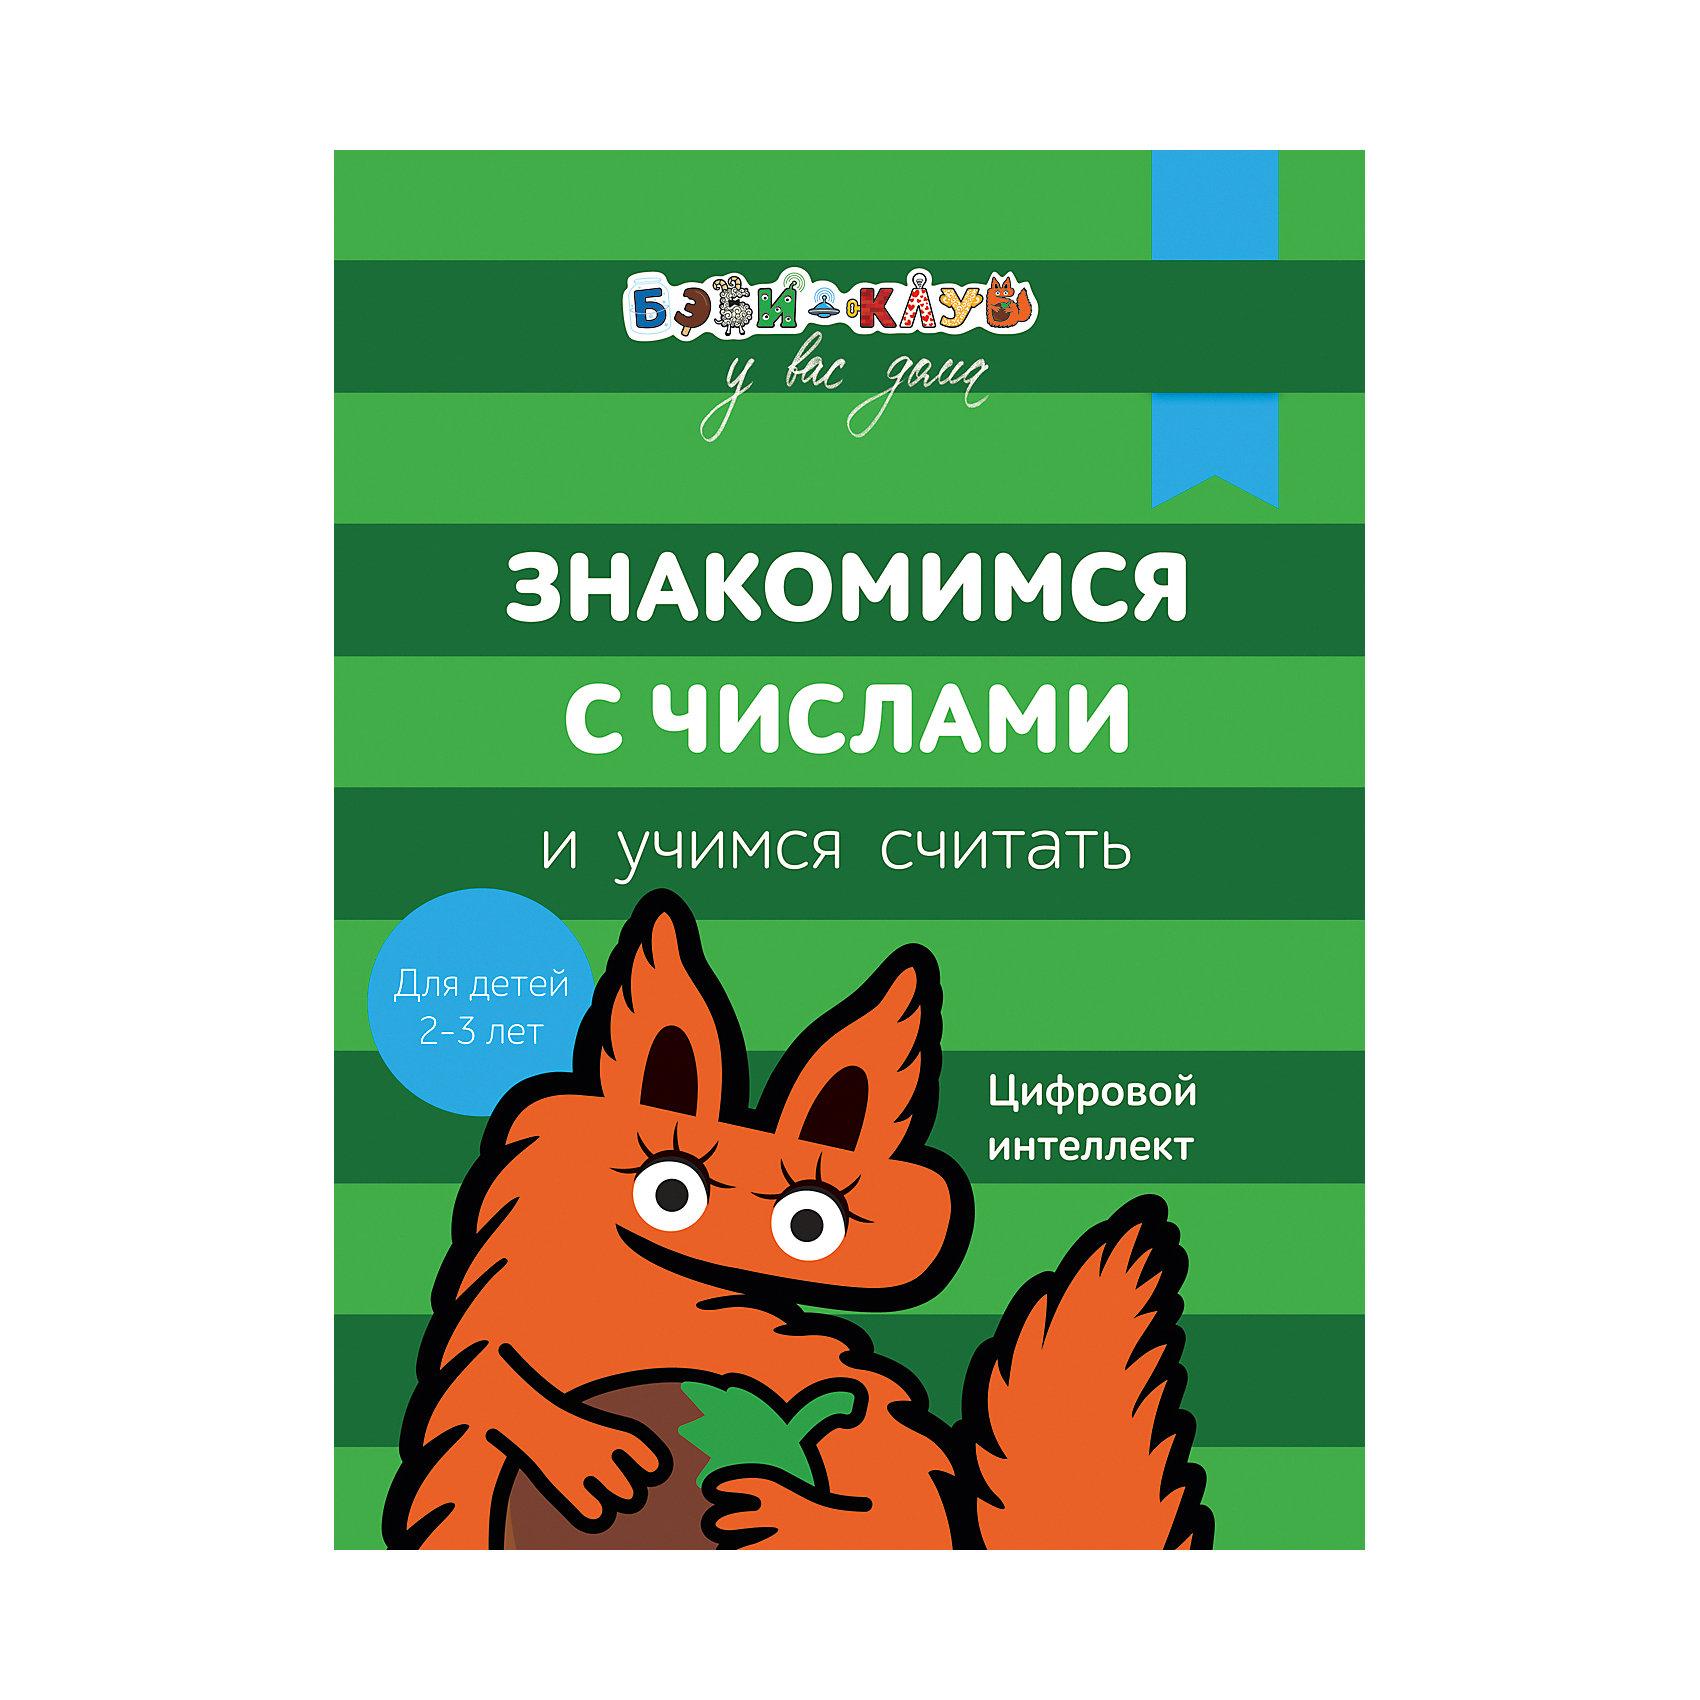 Развиваем речь и учимся читать, Бэби-клуб у вас домаКниги для развития речи<br>Характеристики:<br>• количество страниц: 32;<br>• возраст: от 2-х лет;<br>• иллюстрации: цветные;<br>• переплёт: твёрдый;<br>• формат:27,5х21,3х0,5 см;<br>• вес: 211 грамм;<br>• ISBN: 9785353082910.<br><br>Развивающее пособие «Развиваем речь и учимся читать» разработано специалистами сети детских центров «Бэби-клуб».  Подходит для обучения дома и в детских учреждениях.<br><br>Книга познакомит малыша с цифрами, числами, простейшими арифметическими действиями и основами математики. Кроме того, занятия по данной методике способствуют развитию речи.<br><br>Все задания представлены в игровой форме и дополнены приятными иллюстрациями.<br><br>Для родителей предусмотрены практические рекомендации по обучению.<br><br>Книгу Знакомимся с числами и учимся считать для детей 2-3 лет, Rosman (Росмэн) можно купить в нашем интернет-магазине.<br><br>Ширина мм: 275<br>Глубина мм: 212<br>Высота мм: 40<br>Вес г: 150<br>Возраст от месяцев: 24<br>Возраст до месяцев: 36<br>Пол: Унисекс<br>Возраст: Детский<br>SKU: 5453602